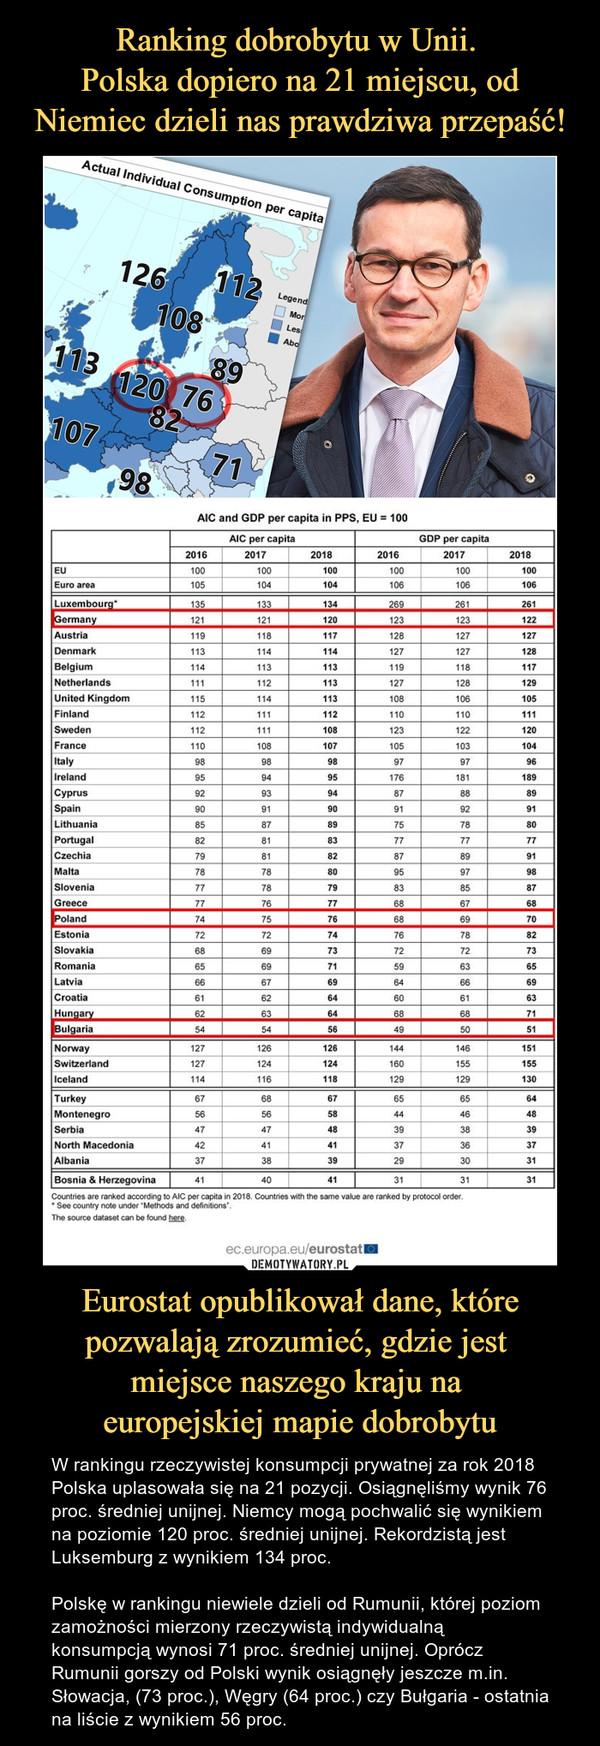 Eurostat opublikował dane, które pozwalają zrozumieć, gdzie jest miejsce naszego kraju na europejskiej mapie dobrobytu – W rankingu rzeczywistej konsumpcji prywatnej za rok 2018 Polska uplasowała się na 21 pozycji. Osiągnęliśmy wynik 76 proc. średniej unijnej. Niemcy mogą pochwalić się wynikiem na poziomie 120 proc. średniej unijnej. Rekordzistą jest Luksemburg z wynikiem 134 proc. Polskę w rankingu niewiele dzieli od Rumunii, której poziom zamożności mierzony rzeczywistą indywidualną konsumpcją wynosi 71 proc. średniej unijnej. Oprócz Rumunii gorszy od Polski wynik osiągnęły jeszcze m.in. Słowacja, (73 proc.), Węgry (64 proc.) czy Bułgaria - ostatnia na liście z wynikiem 56 proc.